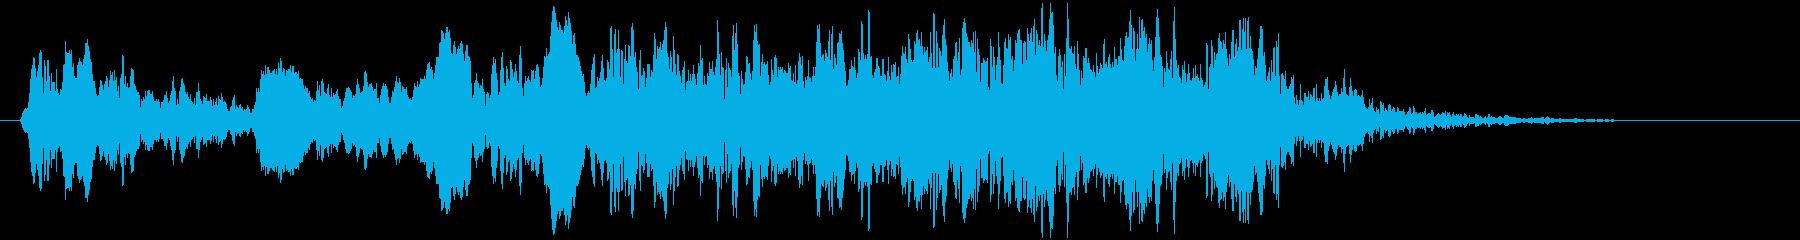 トンビ(トビ、鳶)ヒッヒョロロロロの再生済みの波形